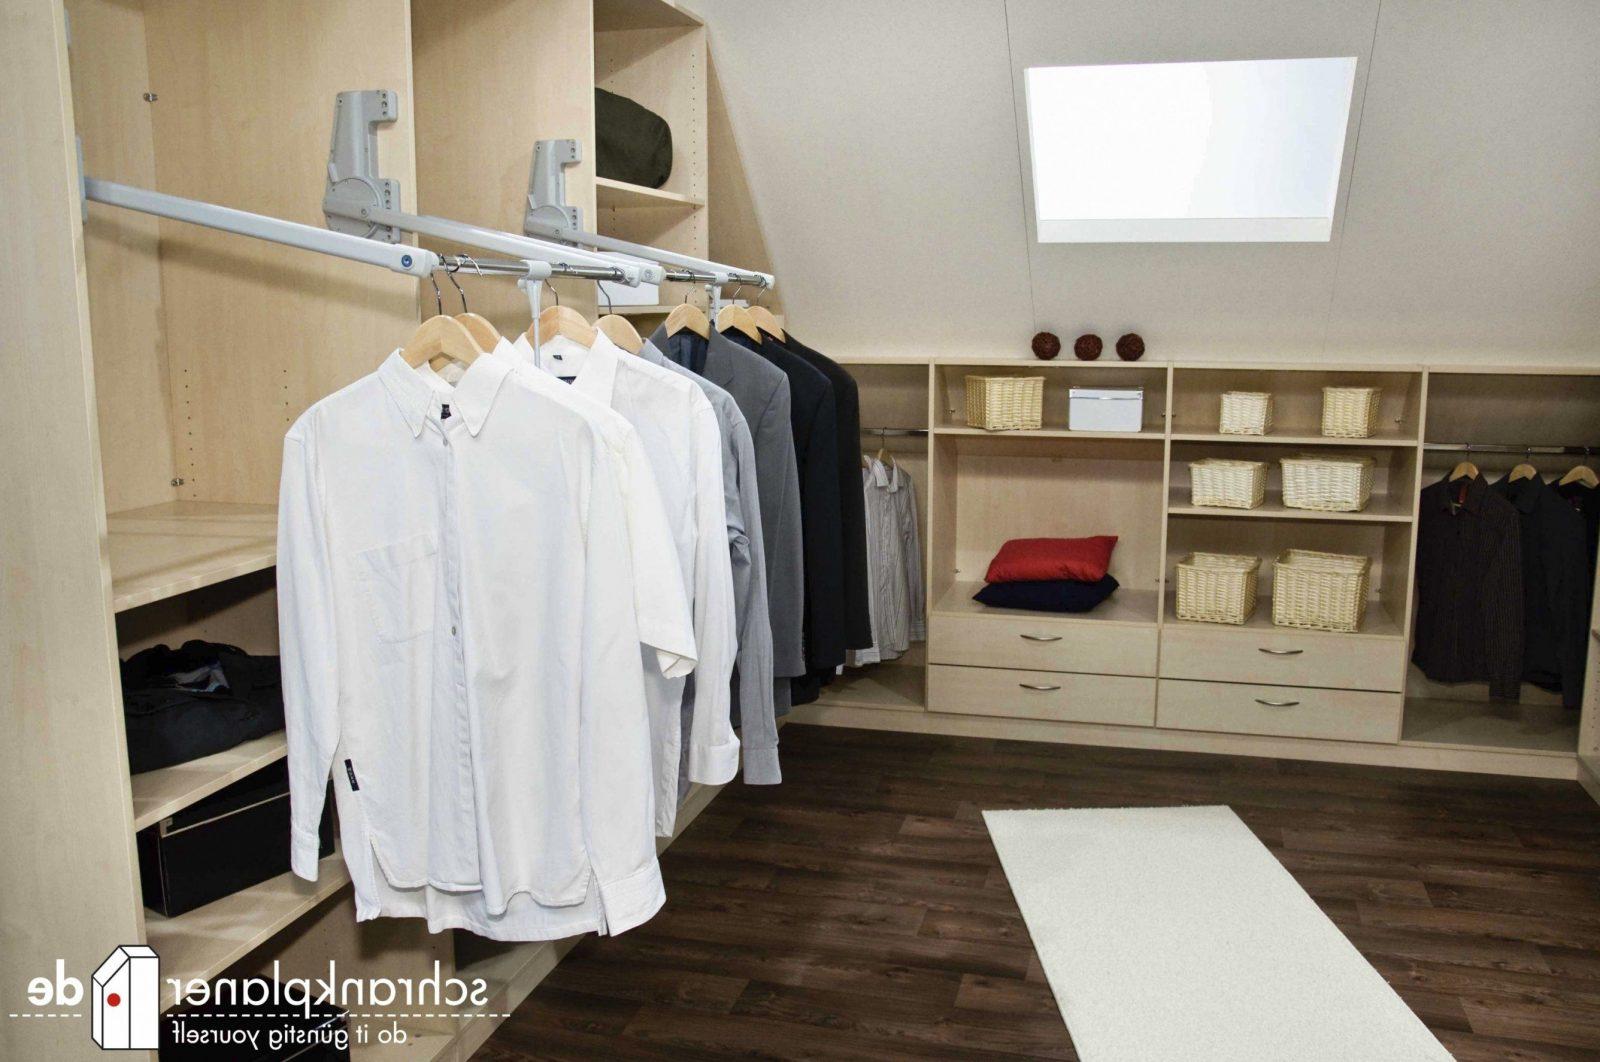 Wunderbar Ideen Begehbarer Kleiderschrank Luxus Begehbarer von Begehbarer Kleiderschrank Selber Bauen Kosten Photo